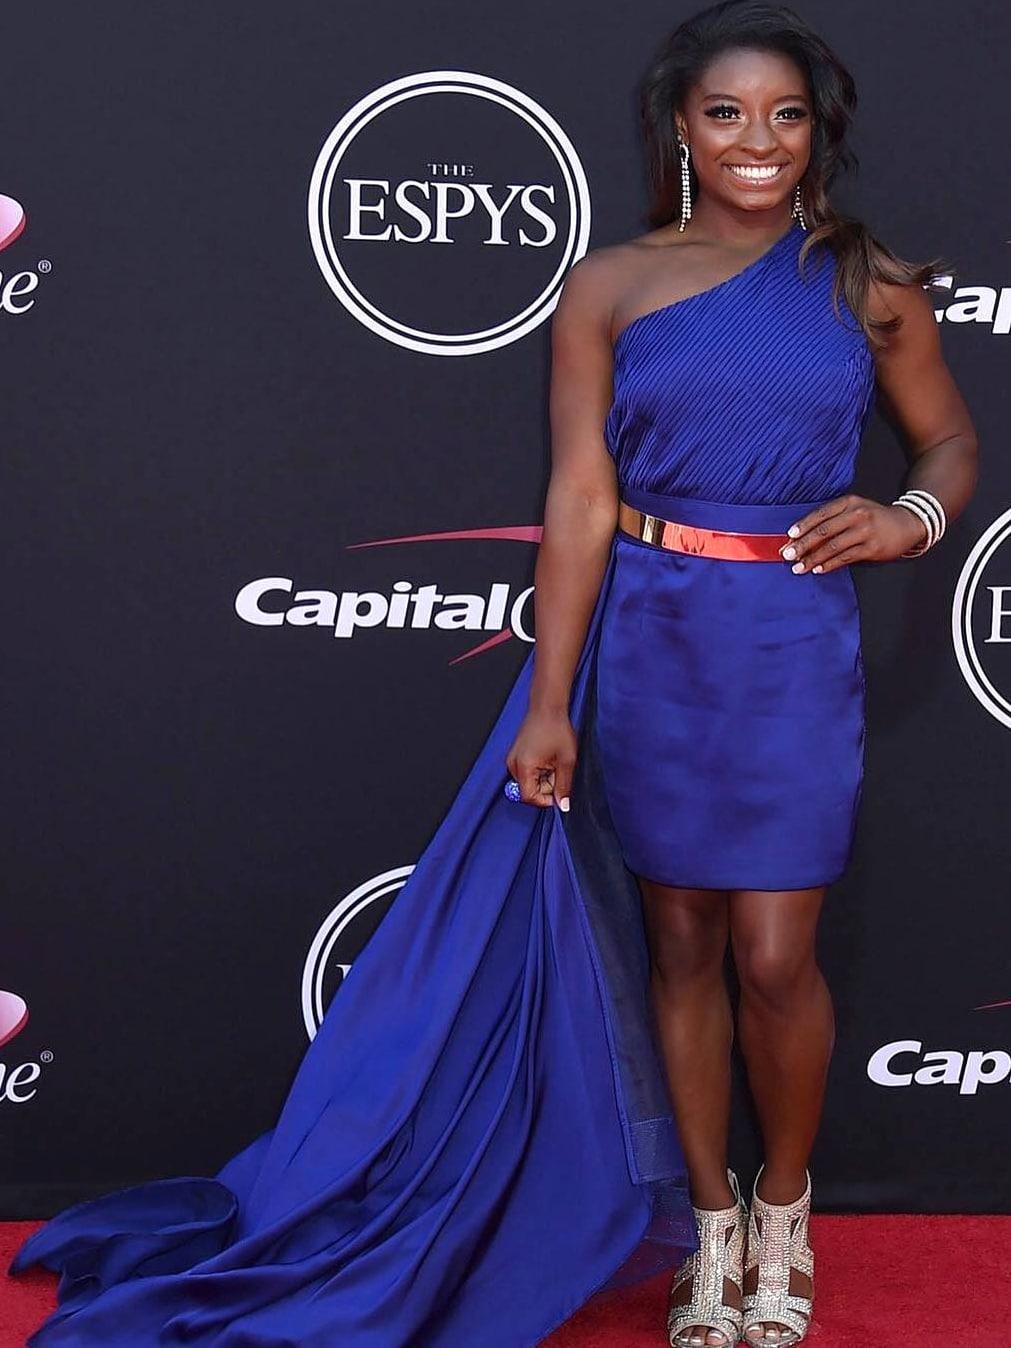 Houston, 2017 ESPY awards, Simone Biles, July 2017